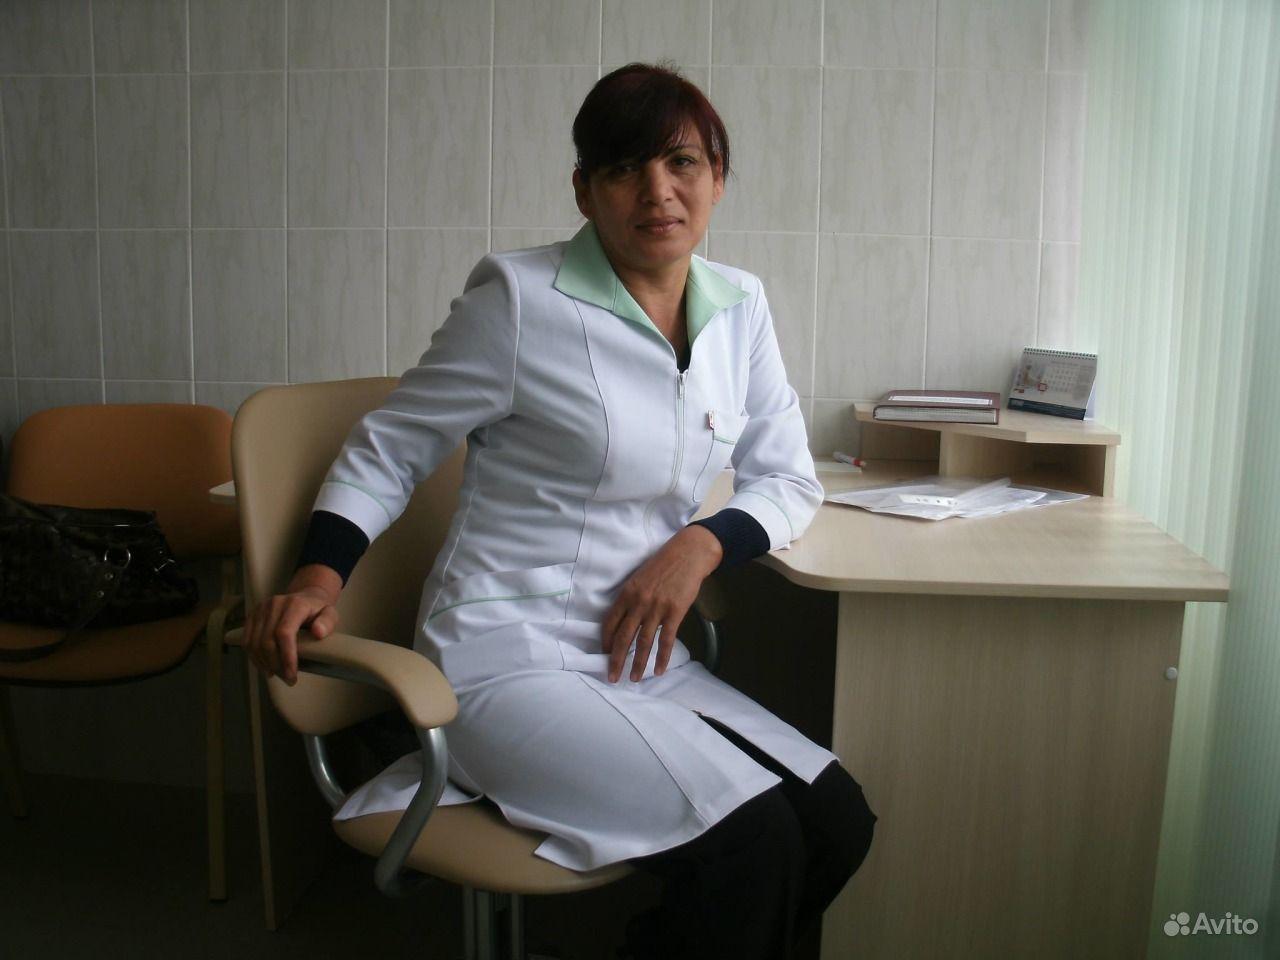 Ищу работу медсестры 4 фотография